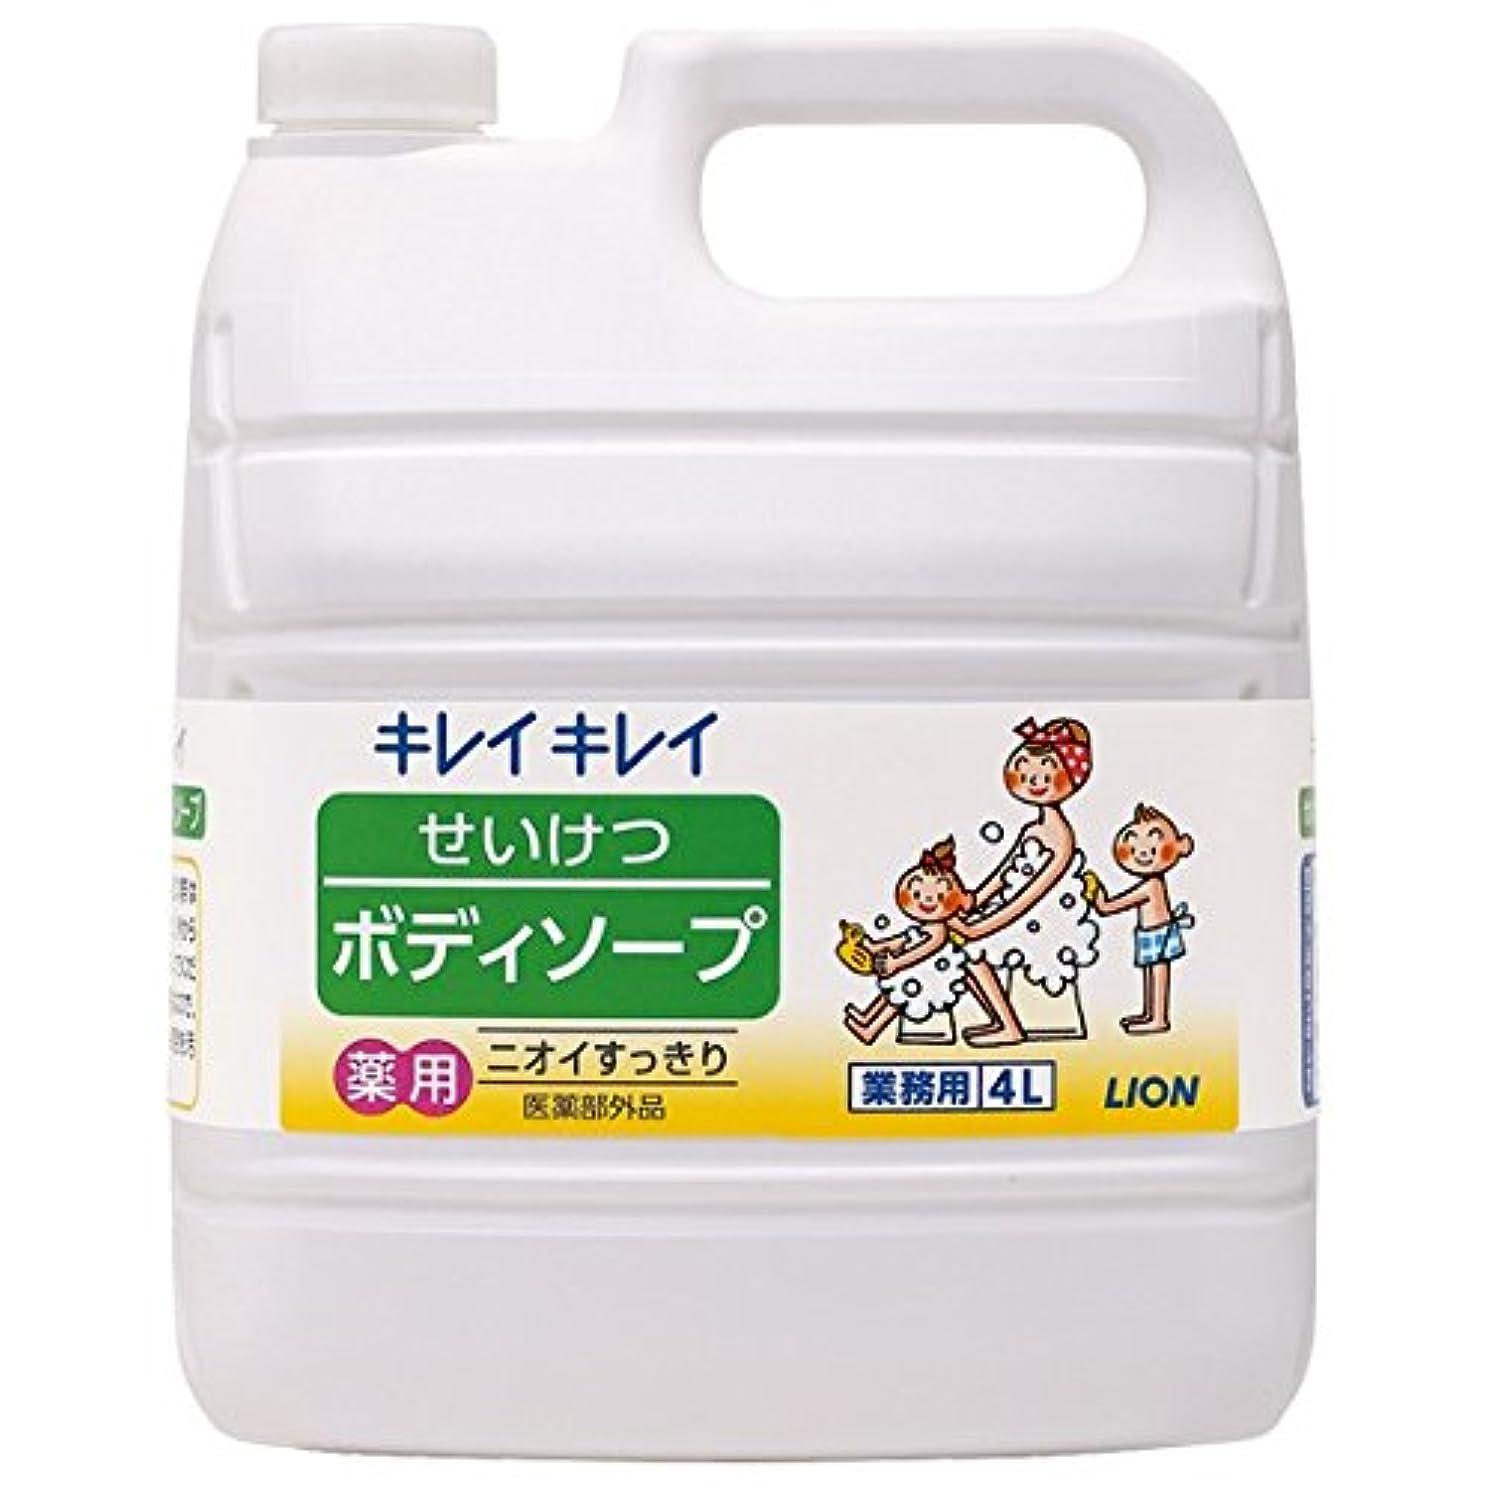 パーセント触覚コーンライオン キレイキレイ せいけつボディソープ さわやかなレモン&オレンジの香り 業務用 4L×3本